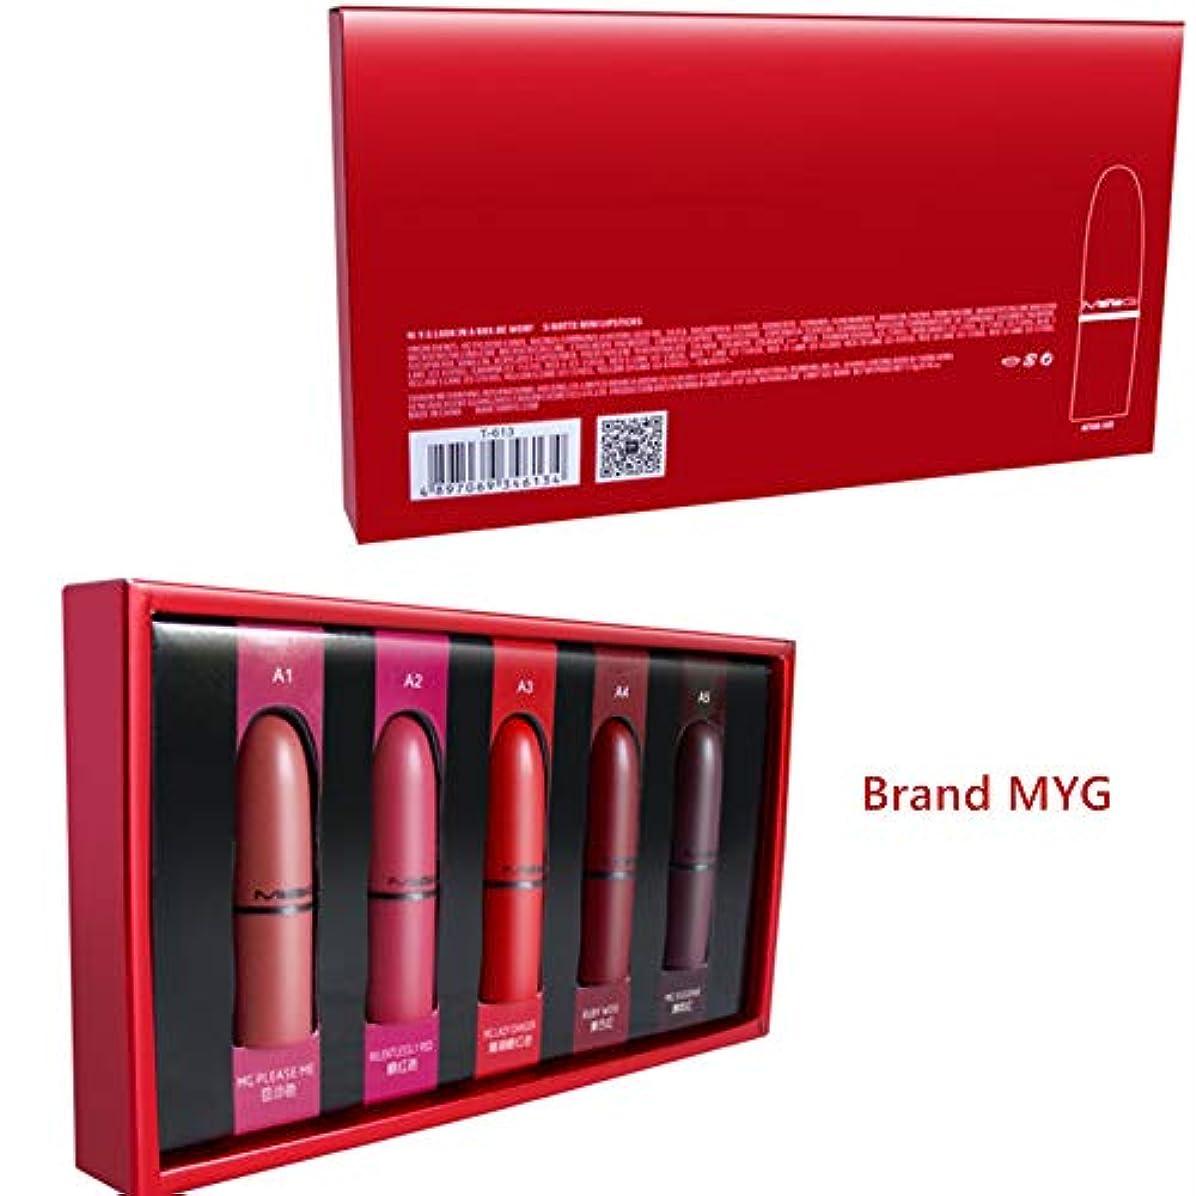 続編比較病院Brand MYG リップスティック (マットな口紅)(1.8g*5) (5 pieces per set)